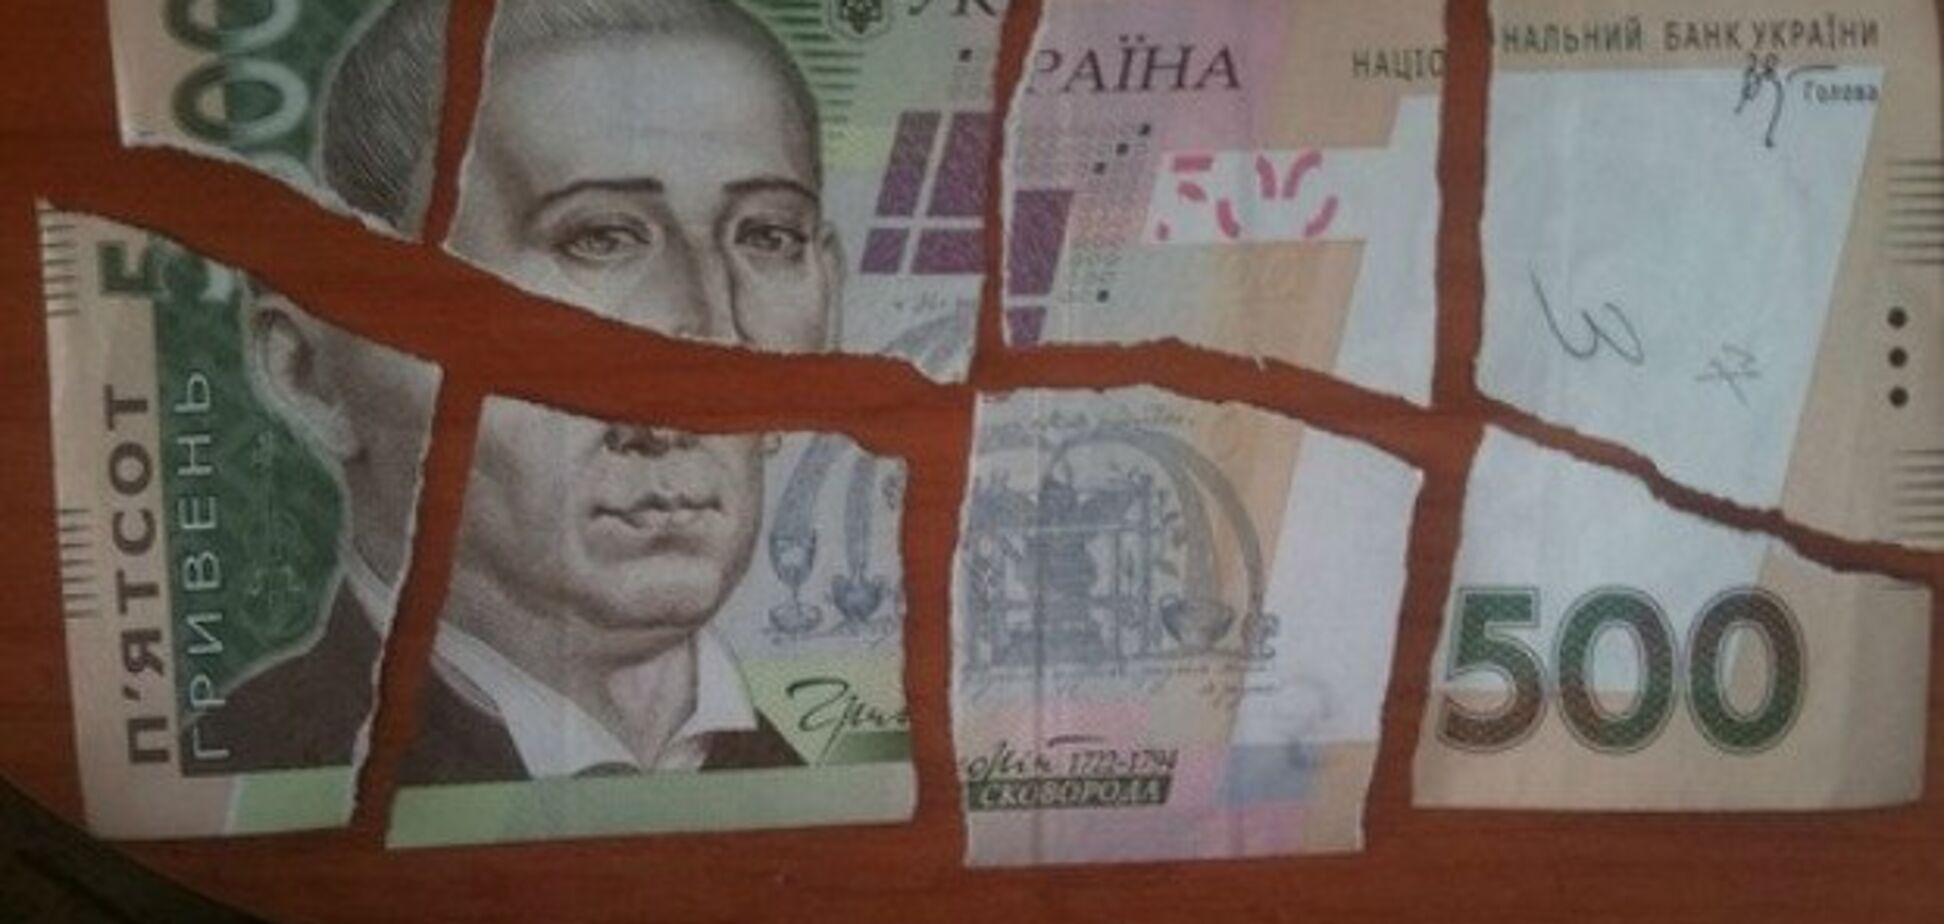 В Україні рвані гривні обмінюватимуть за новими правилами: що треба знати